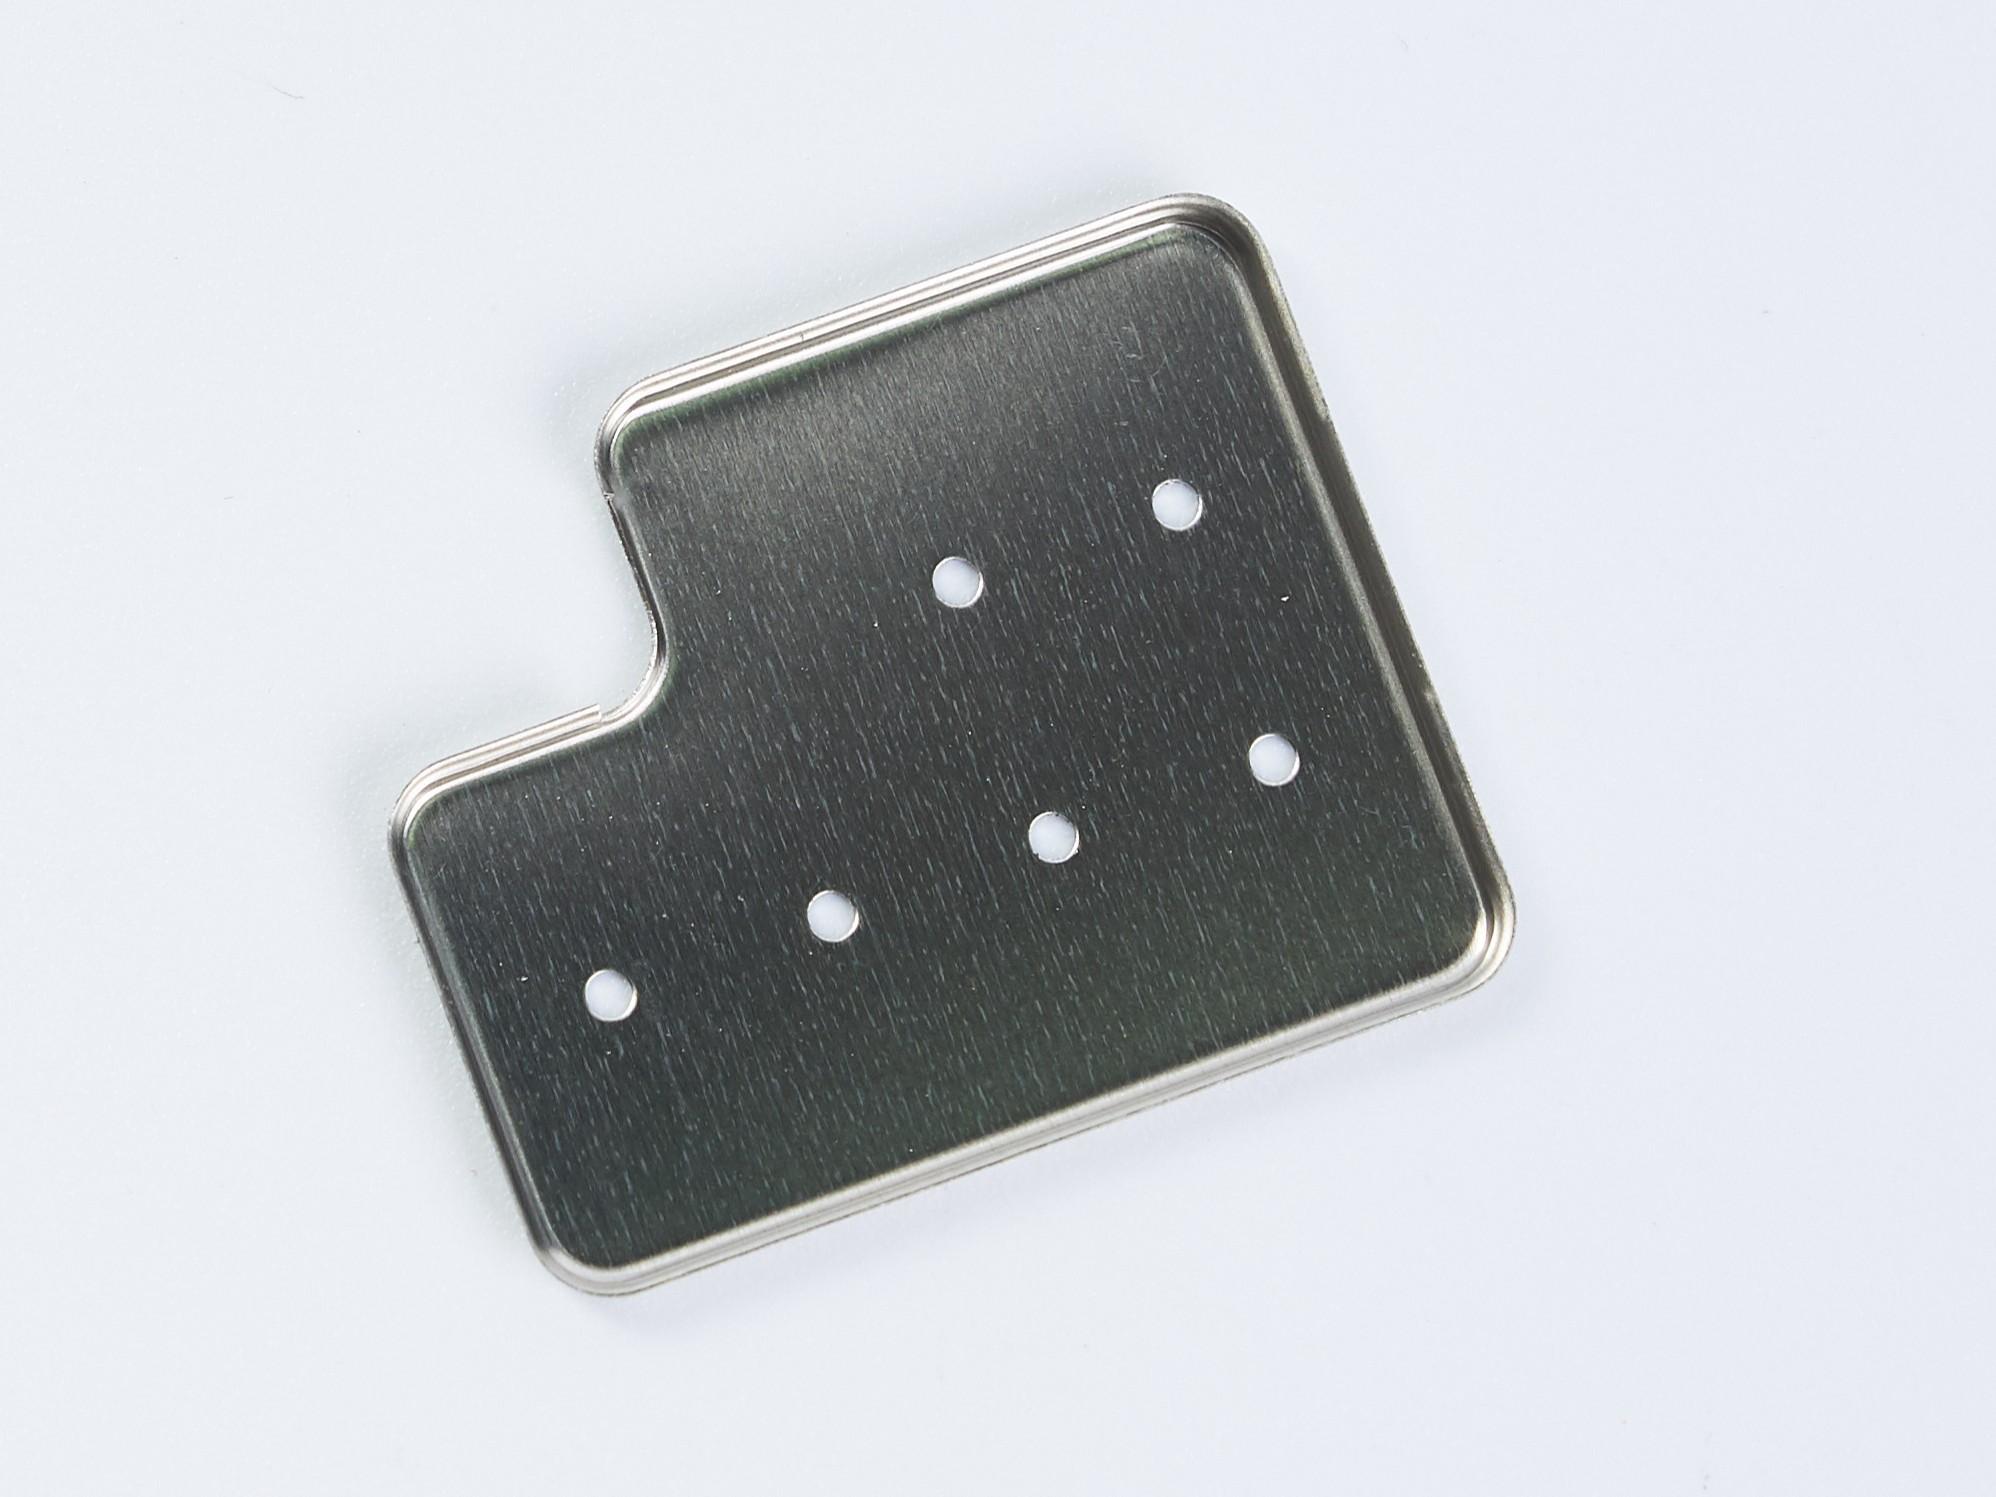 深圳屏蔽罩生产厂家-1-3天可打样-力达精工